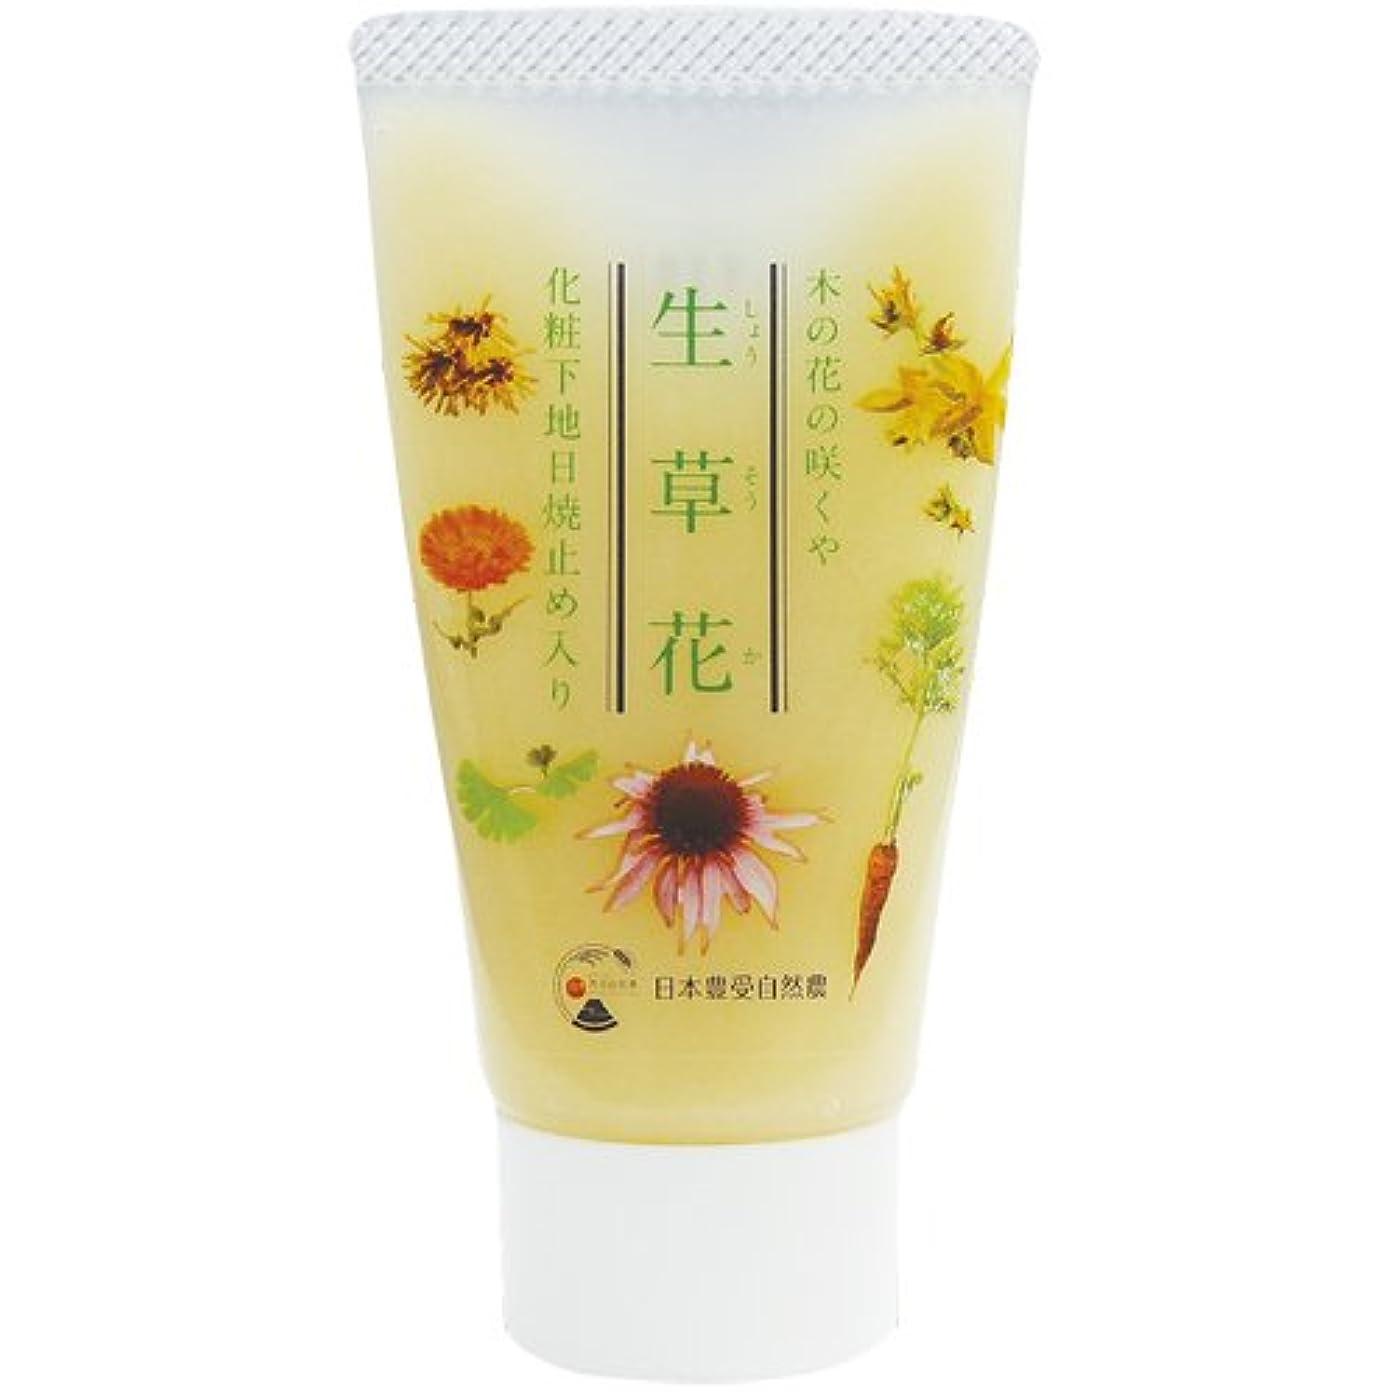 単なるの配列使用法日本豊受自然農 木の花の咲くや 生草花 化粧下地 日焼け止め入り 30g